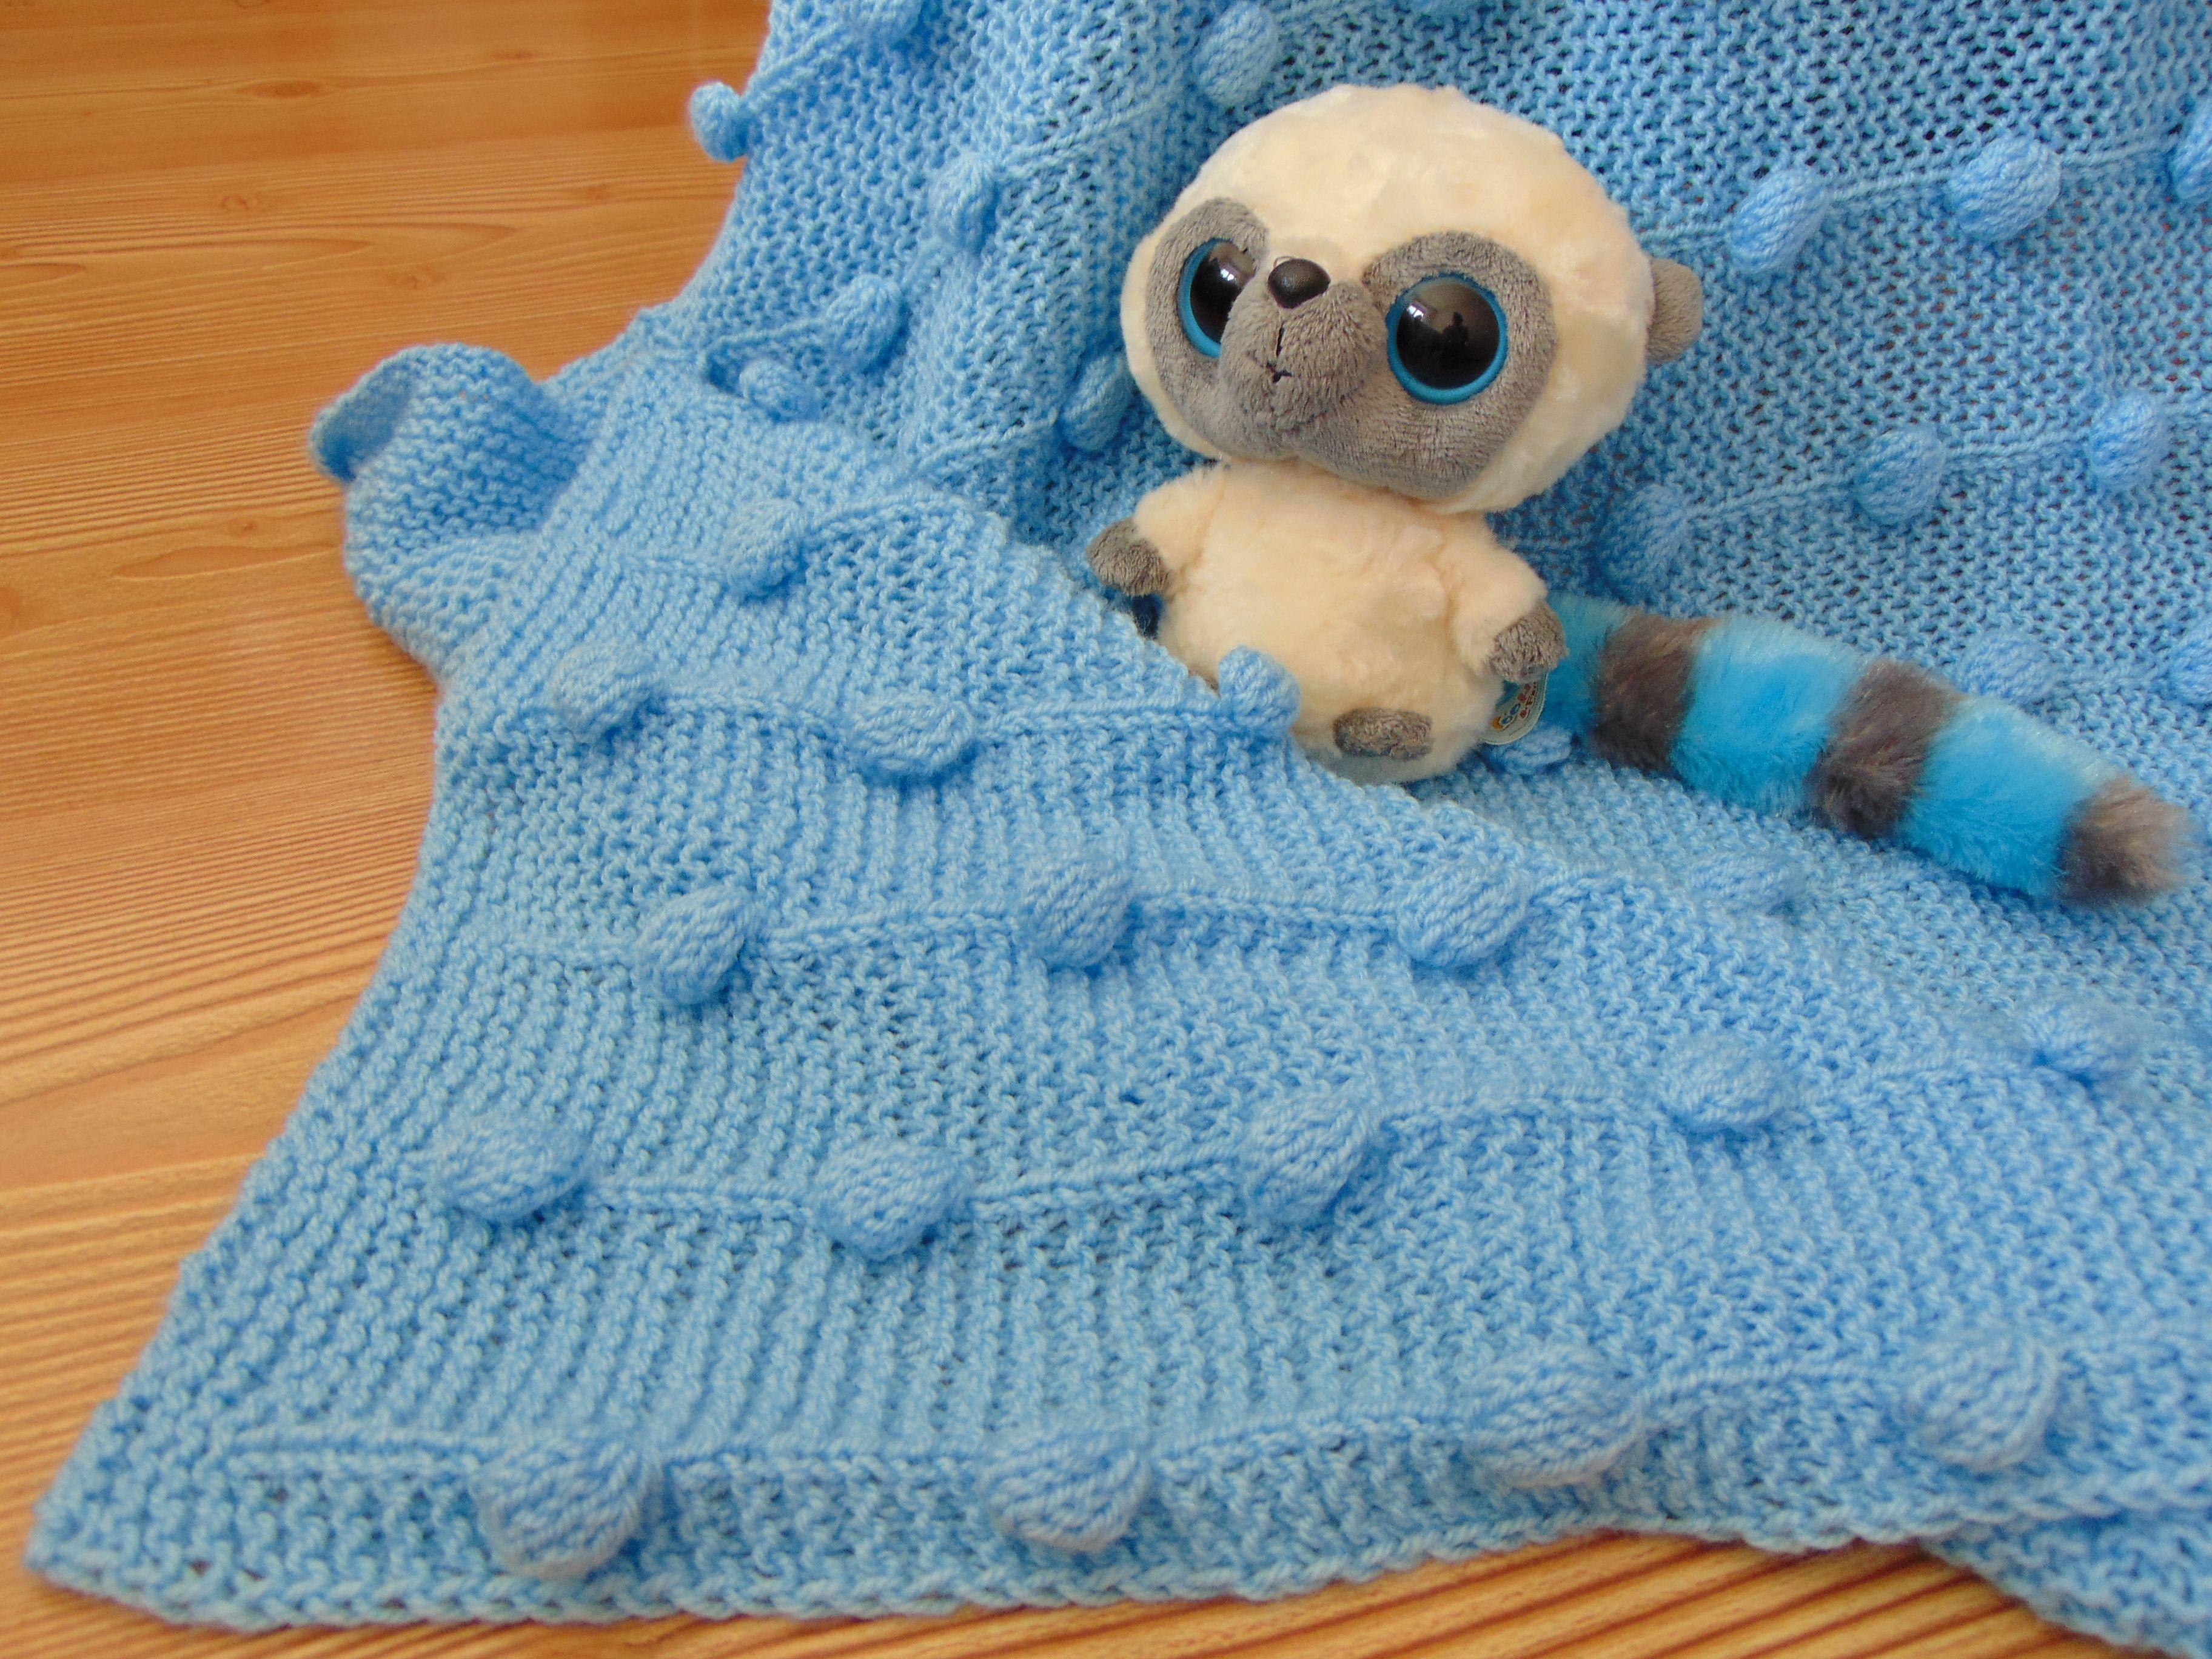 вязаный грудничку детскийплед вязание вязаныйплед одеяльце теплый плед подарок